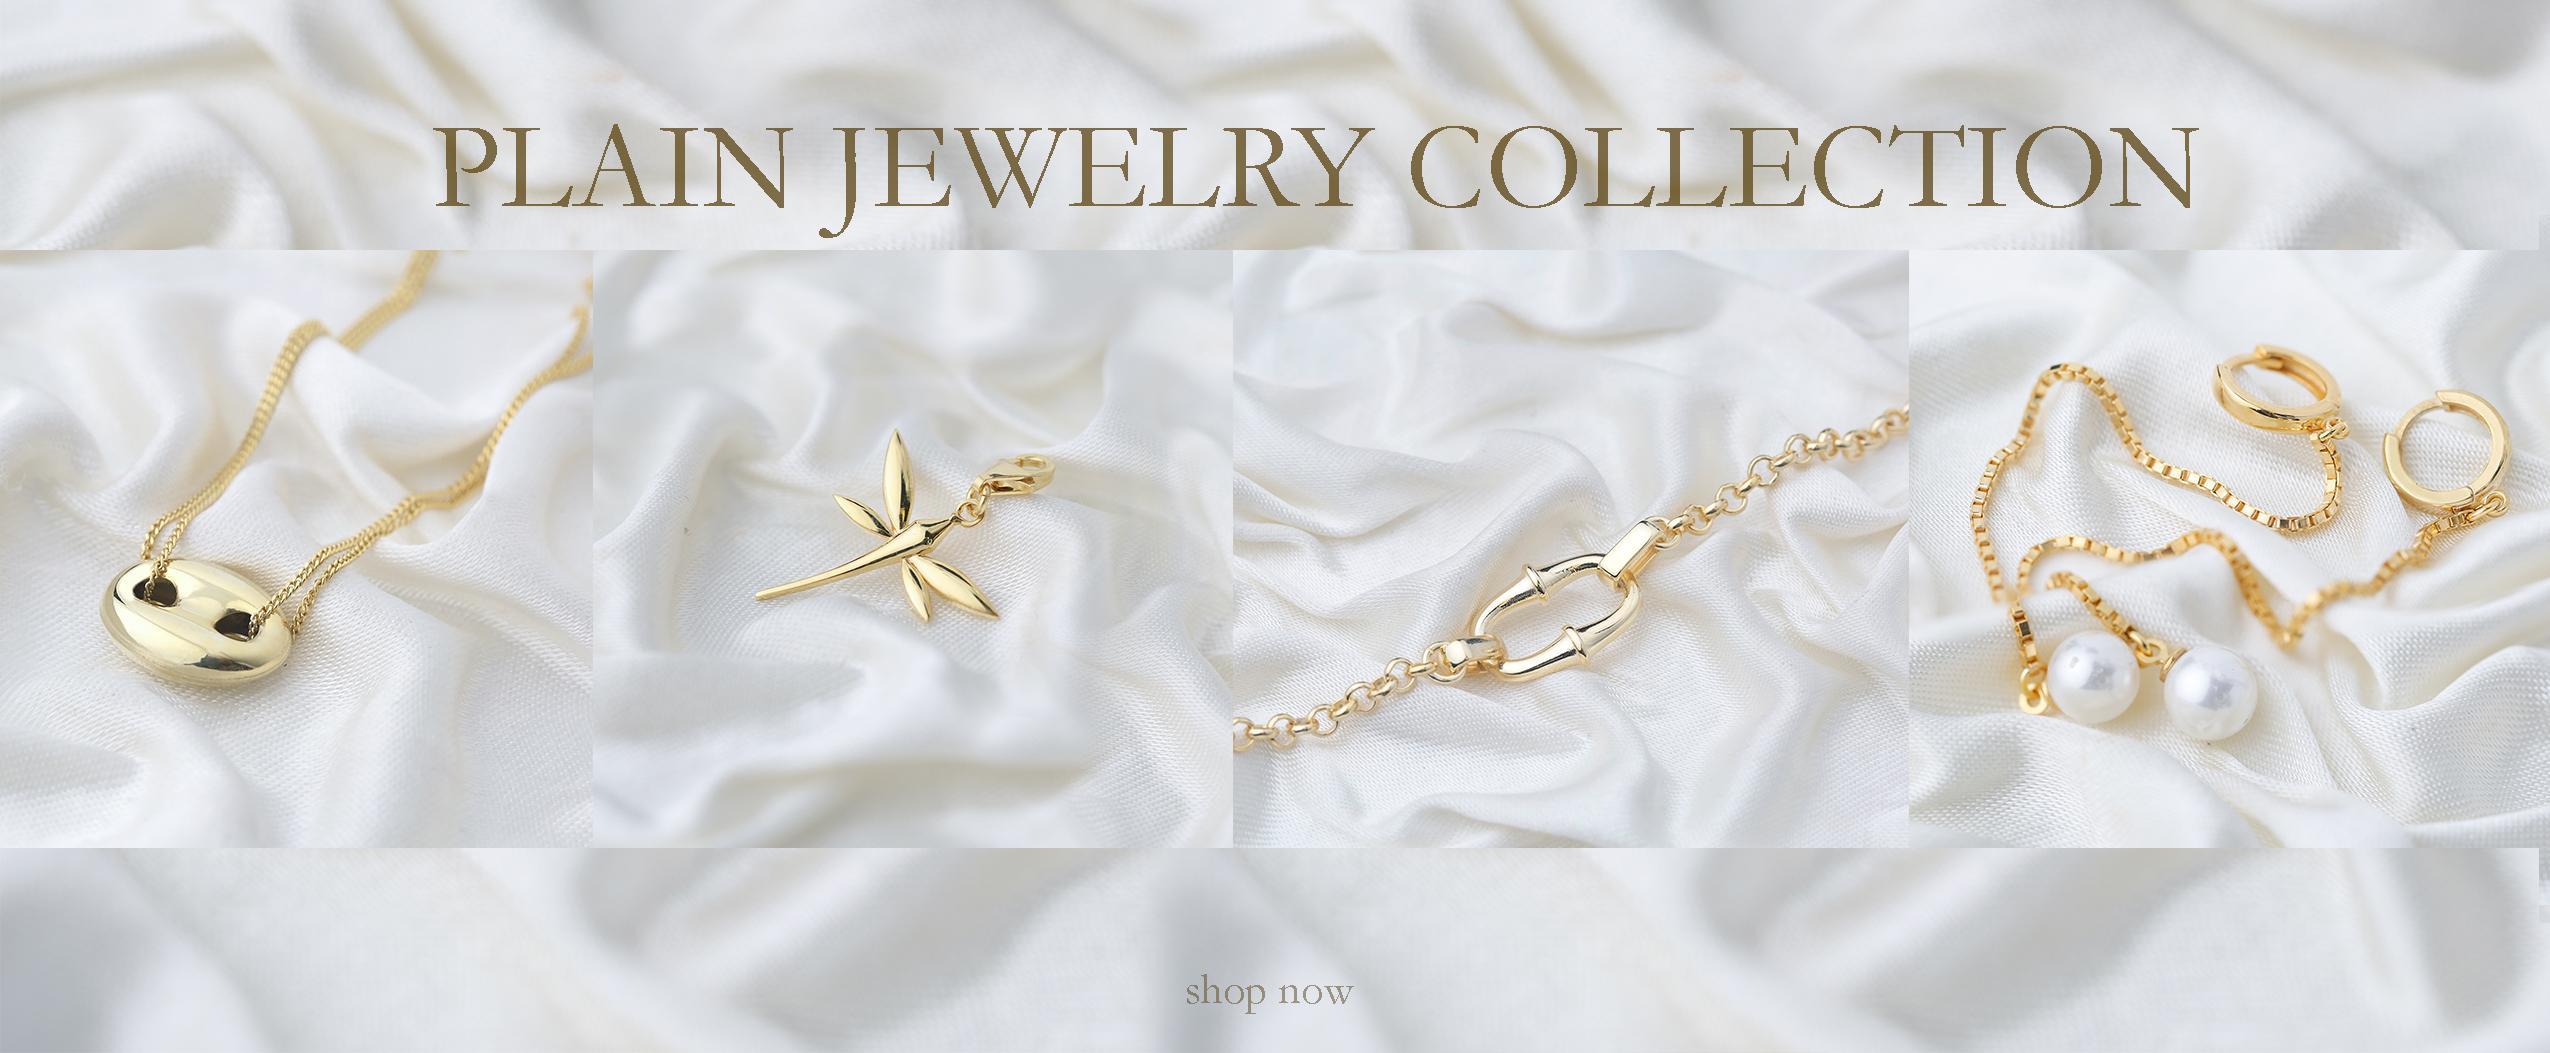 Plain Jewelry